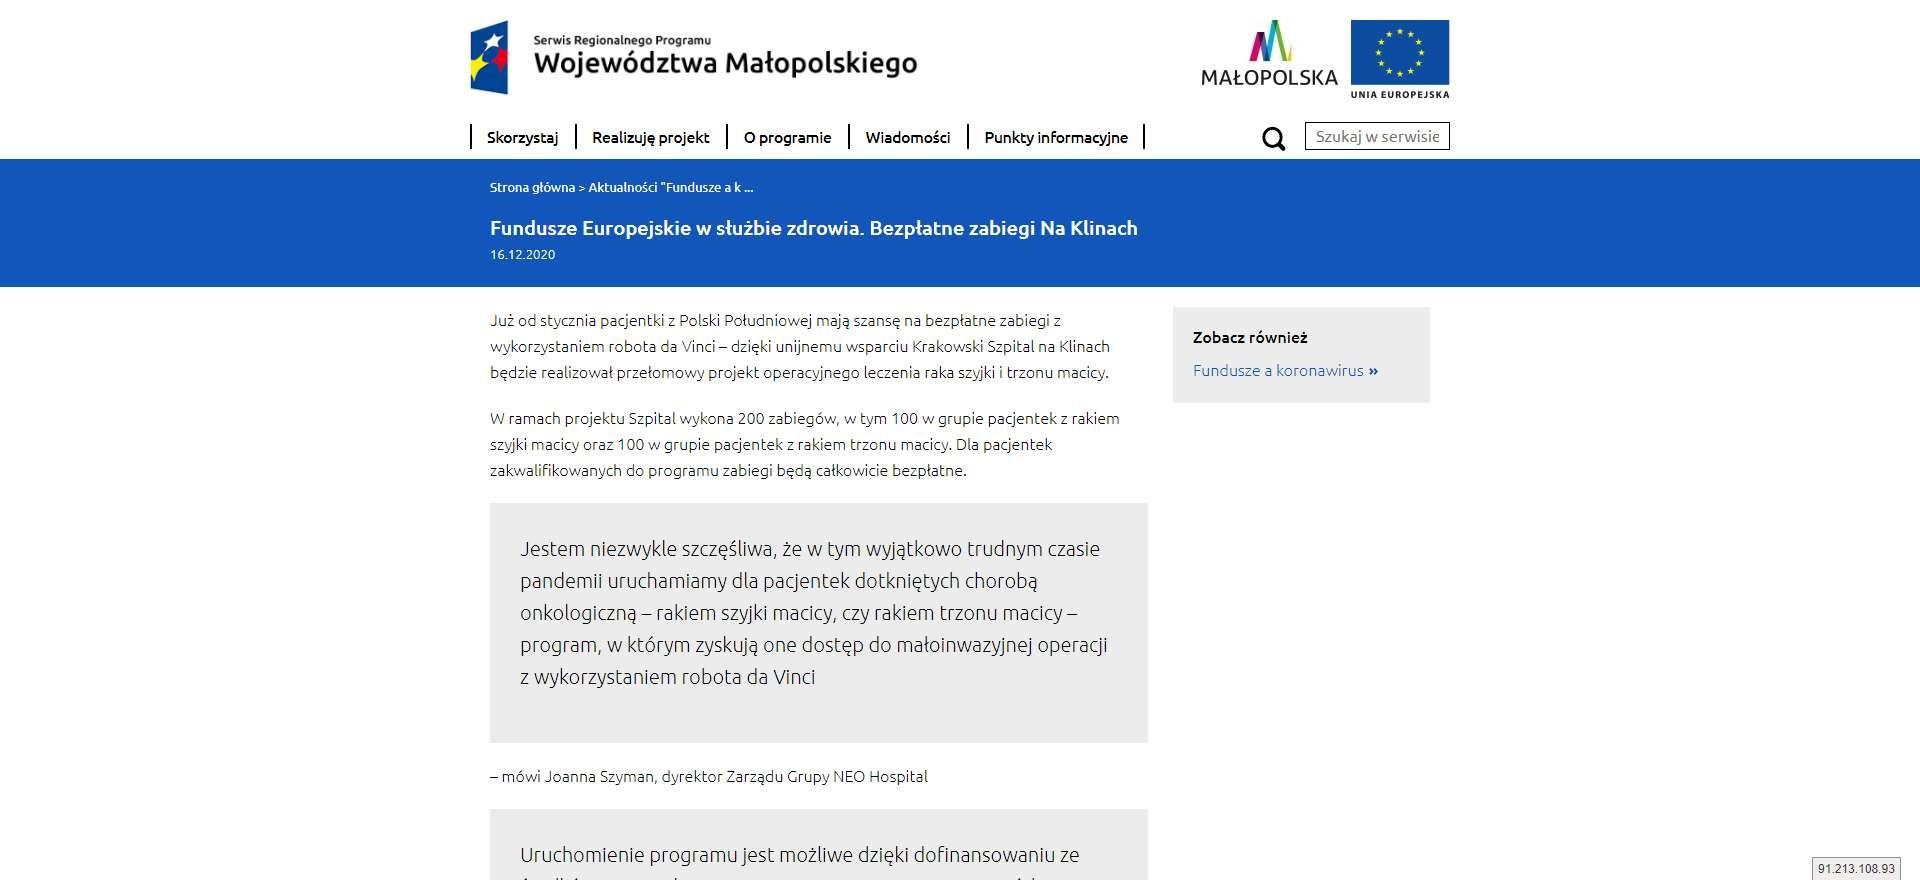 fundusze europejskie w sluzbie zdrowia bezplatne zabiegi na klinach